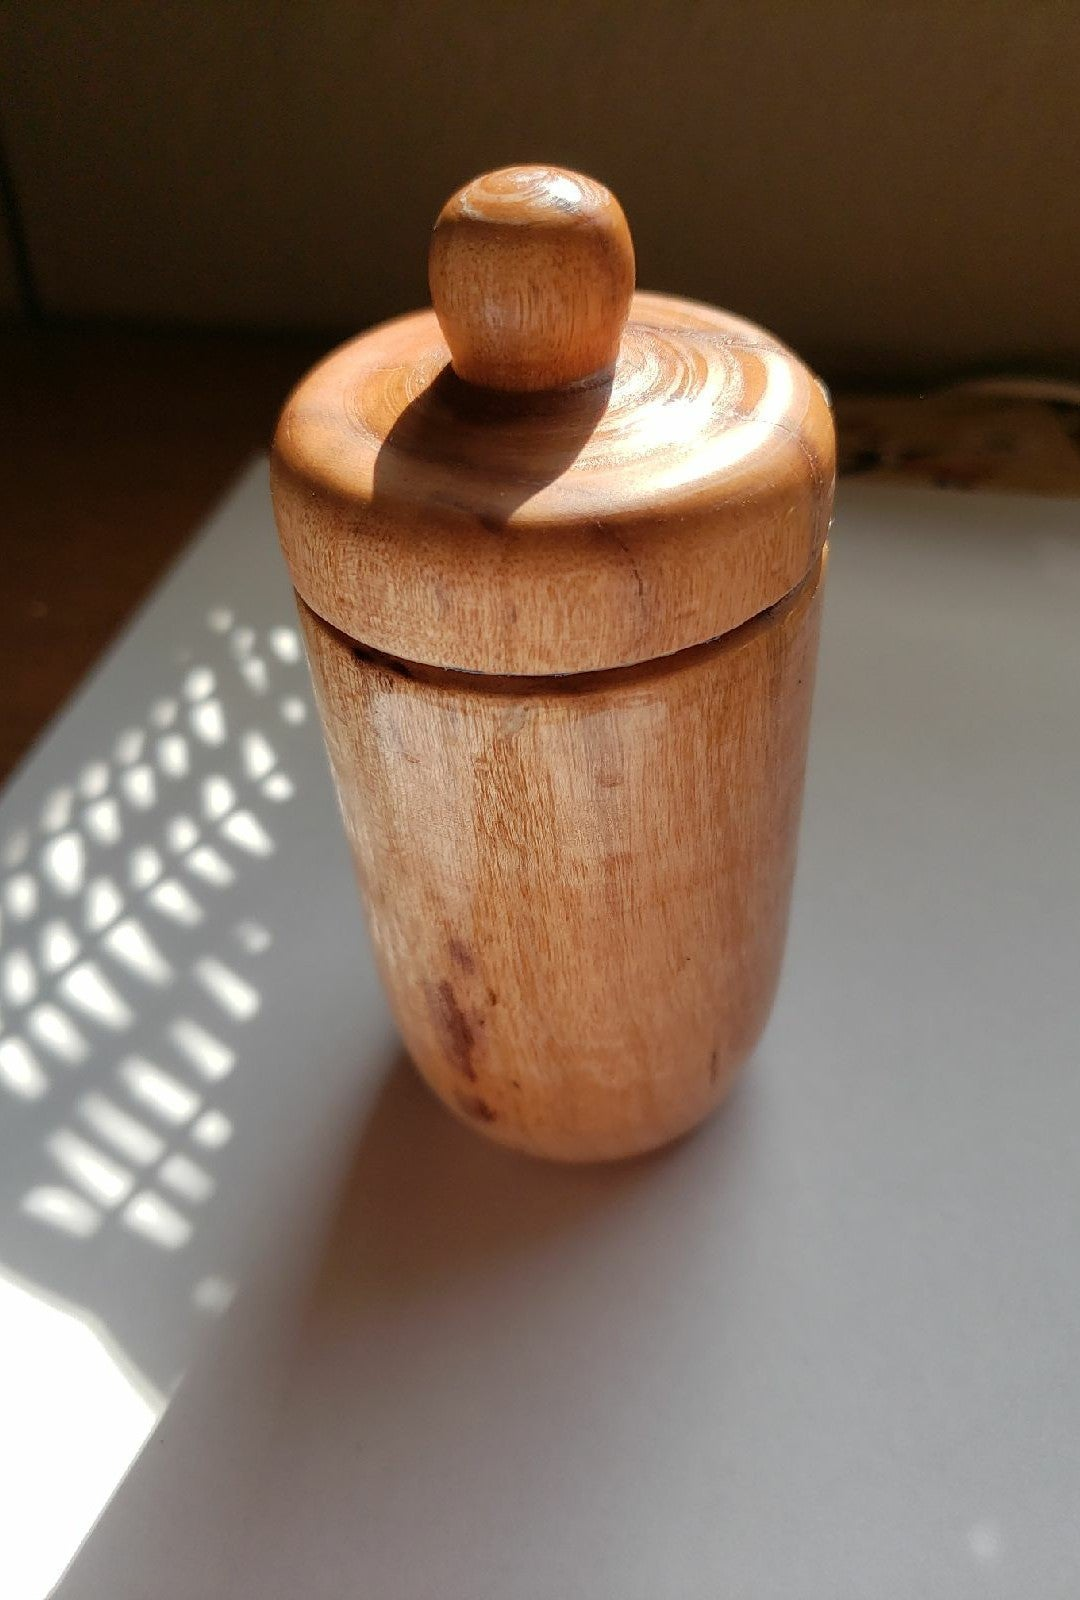 Handmade crafts